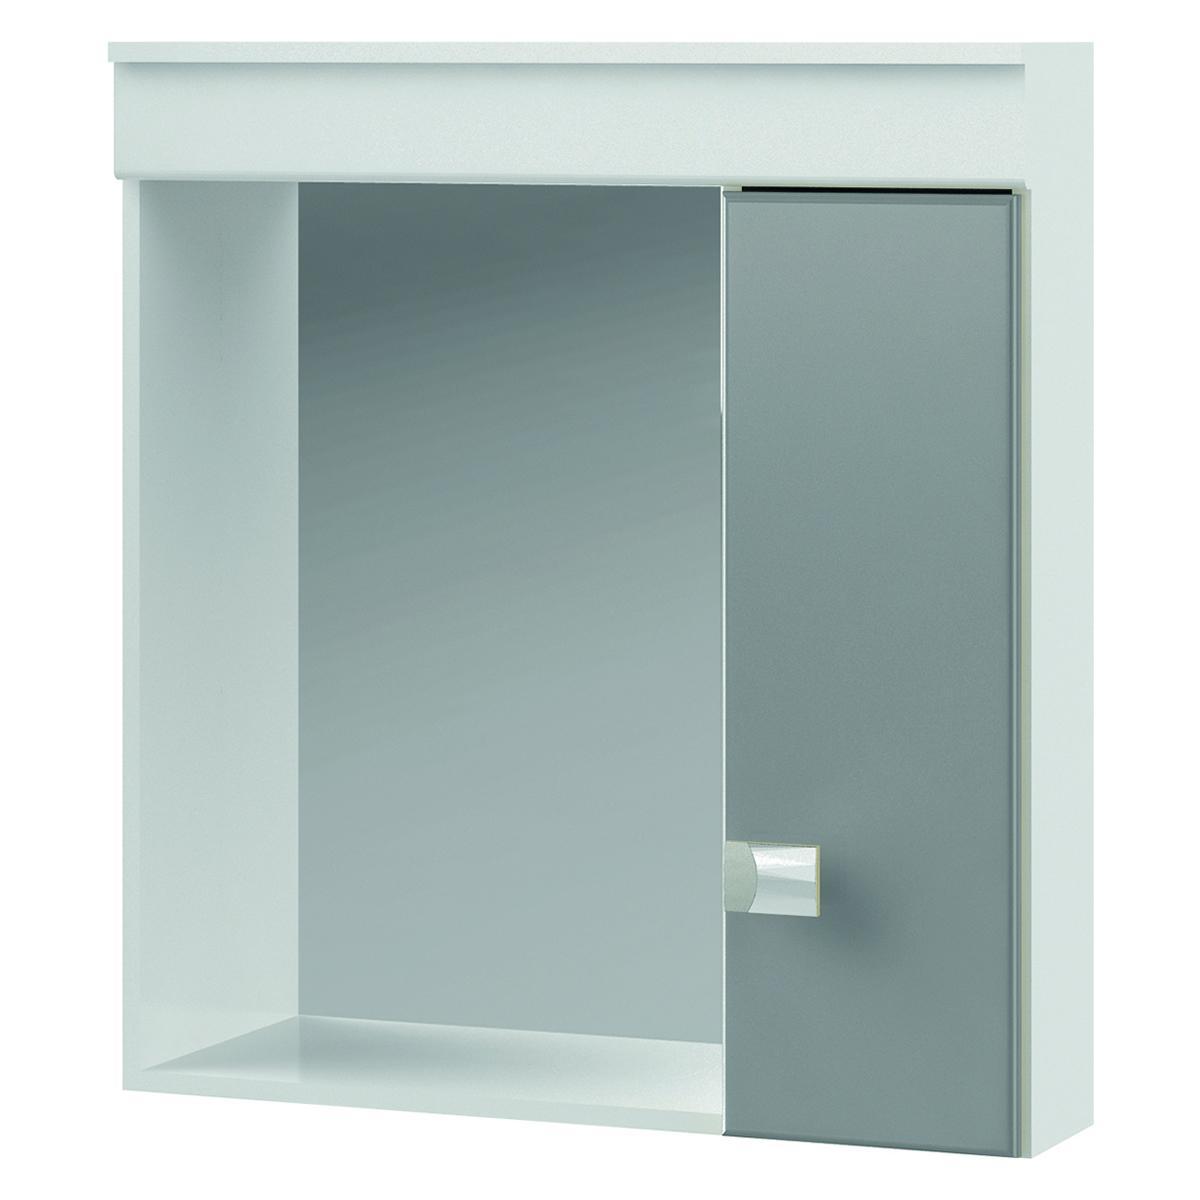 Espelheira para banheiro Elegance Branco/Cinza Grey - Mgm